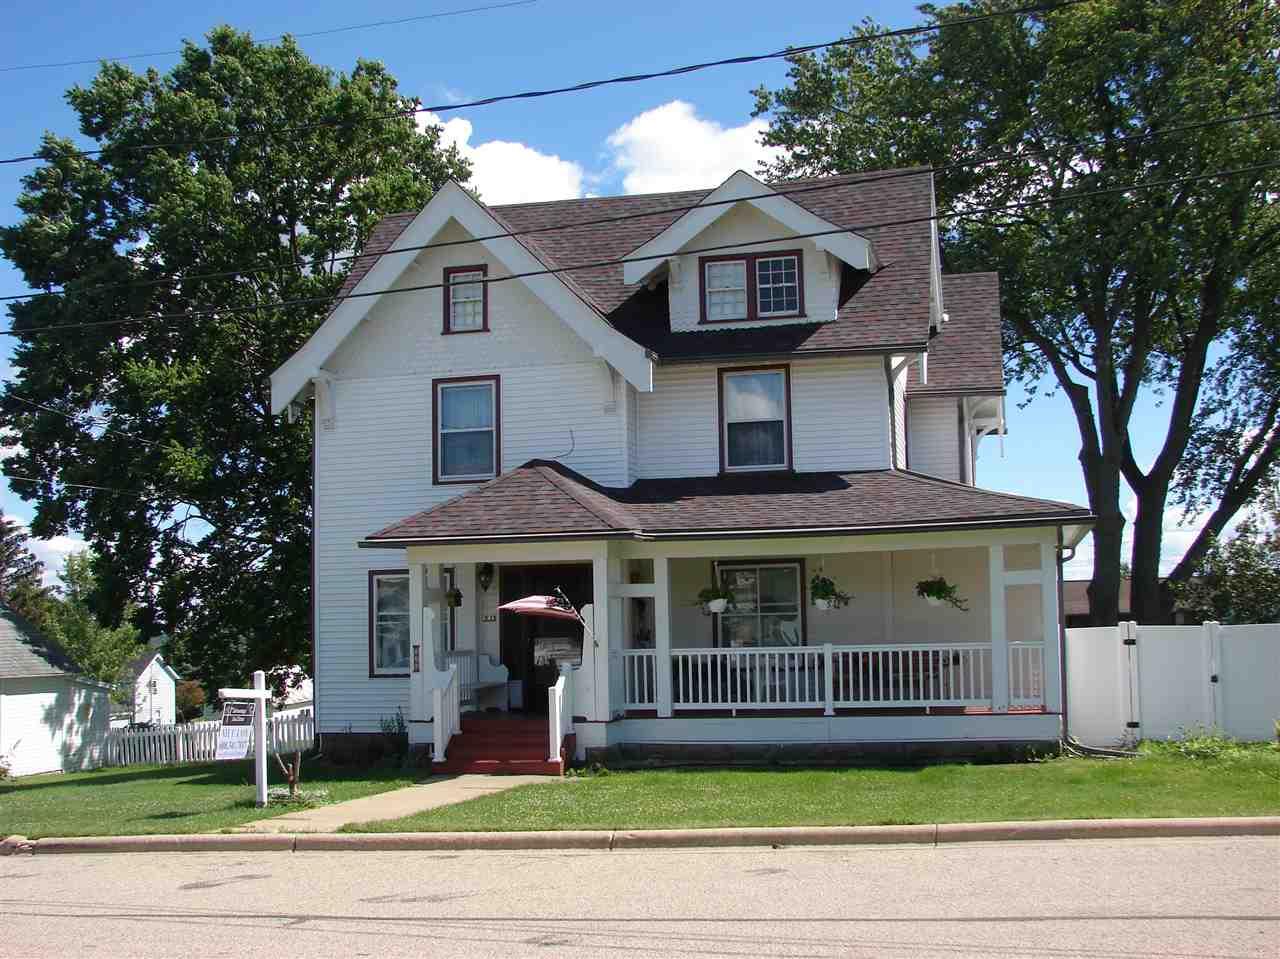 535 Washington St, Linden, WI 53553